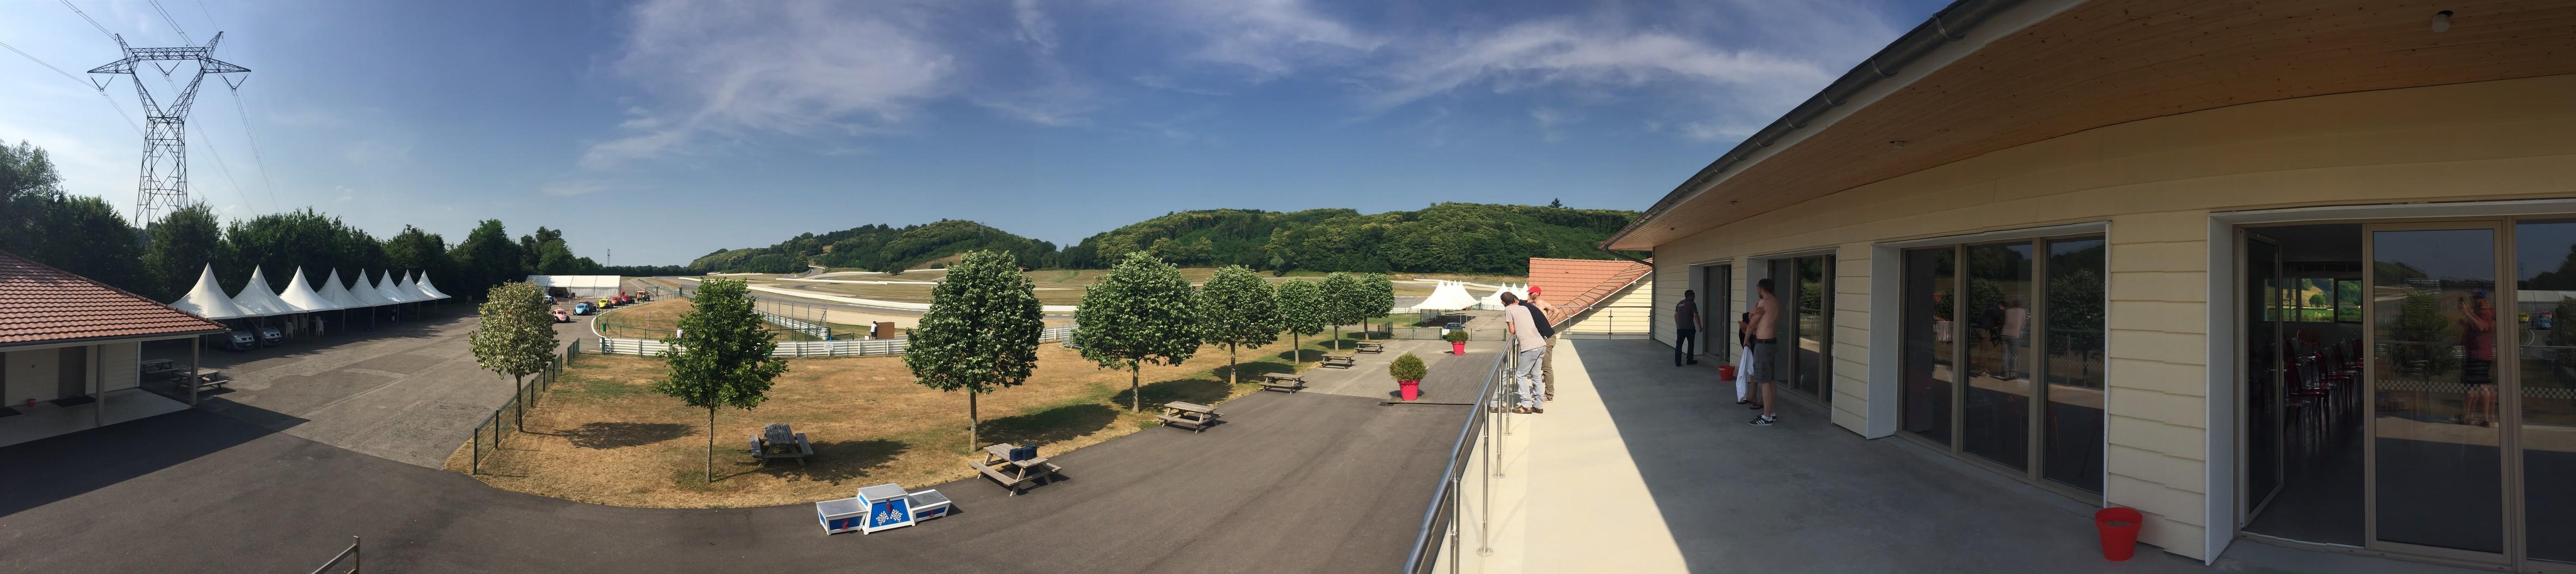 Circuit Du Laquais Calendrier.Journee Pilotage Relais Fun Cup Au Circuit Du Laquais Auto